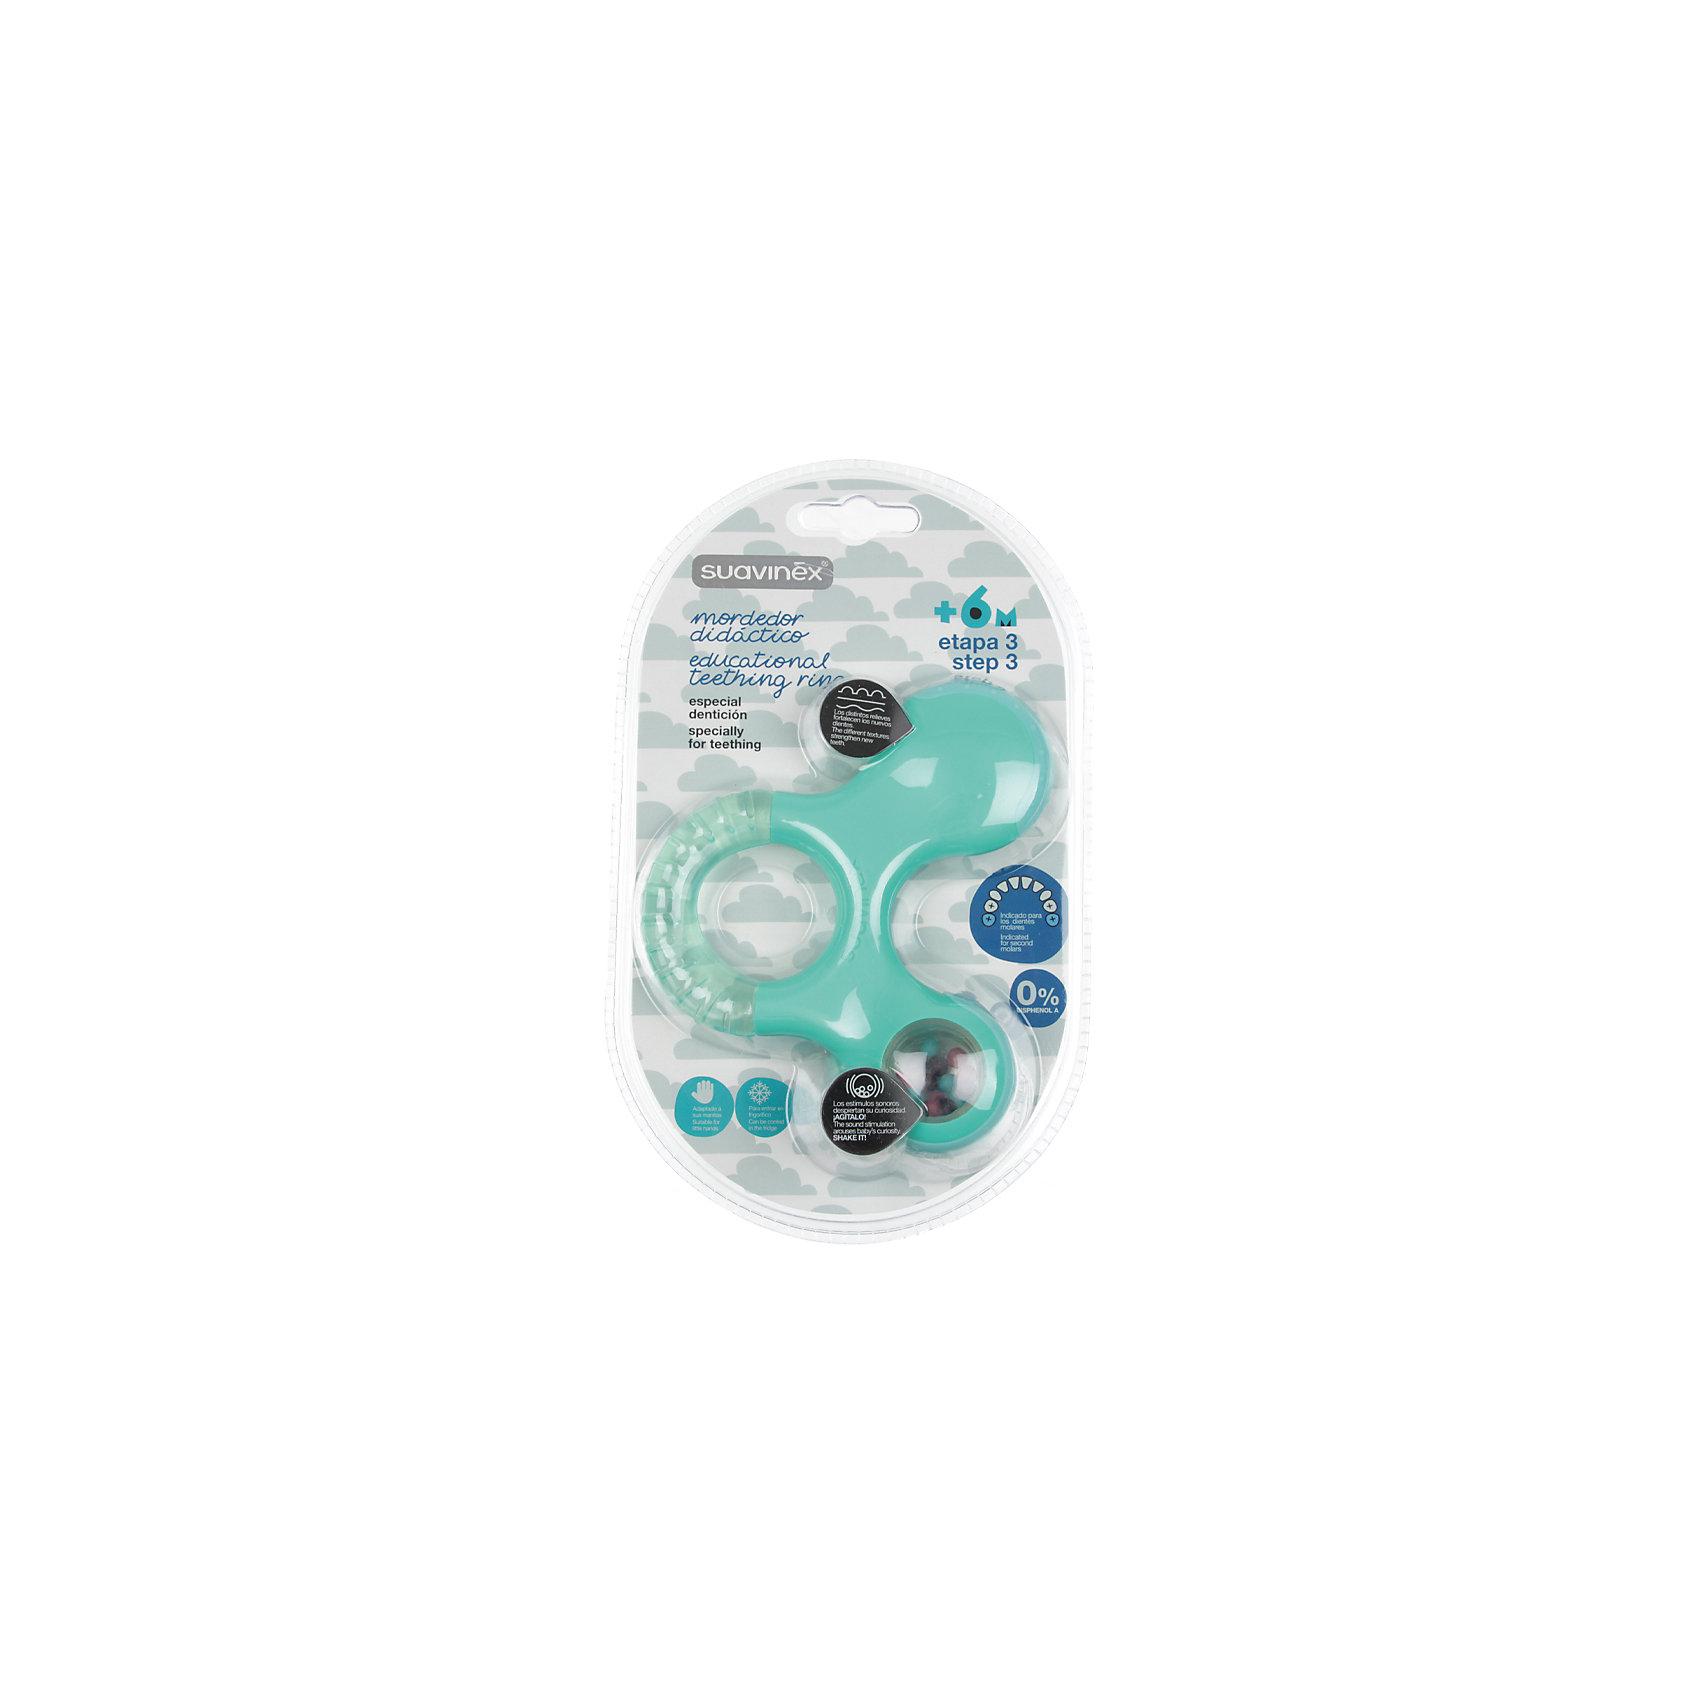 Прорезыватель-игрушка от 6мес. шаг 3, Suavinex, зеленыйПрорезыватели<br>Характеристики:<br><br>• Наименование: прорезыватель<br>• Рекомендуемый возраст: от 6 месяцев<br>• Пол: универсальный<br>• Материал: пластик, дистиллированная вода<br>• Цвет: зеленый<br>• Рисунок: без рисунка<br>• Наличие выпуклых элементов<br>• Эргономичная форма<br>• Отсутствие острых углов<br>• С эффектом охлаждения<br>• Эффект погремушки<br>• Вес: 114 г<br>• Параметры (Д*Ш*В): 11,6*3,6*13,6 см <br>• Особенности ухода: можно мыть в теплой воде<br><br>Прорезыватель-игрушка от 6 мес. шаг 3, Suavinex, зеленый изготовлен испанским торговым брендом, специализирующимся на выпуске товаров для кормления и аксессуаров новорожденным и младенцам. Продукция от Suavinex разработана с учетом рекомендаций педиатров и стоматологов, что гарантирует качество и безопасность использованных материалов. <br><br>Пластик, из которого изготовлено изделие, устойчив к появлению царапин от острых детских зубов, благодаря чему игрушка длительное время сохраняет свои гигиенические свойства. Прорезыватель выполнен в эргономичной форме, имеет легкий вес, что позволяет малышу не только удобно держать его в ручке, но и отрабатывать навык захвата игрушки. <br><br>Прорезыватель имеет трехстороннюю форму: один край выполнен с наполненной дистиллированной водой, которую можно охлаждать, второй – из пластика с выпуклыми элементами, а третий – с шариками в прозрачном окошке. Конструкция игрушки обеспечивает не только мягкий нетравмирующий массаж десен, но и развивает мелкую моторику рук, звуковое и цветовое восприятие. Прорезыватель выполнен в брендовом дизайне.<br><br>Прорезыватель-игрушка от 6 мес. шаг 3, Suavinex, зеленый можно купить в нашем интернет-магазине.<br><br>Ширина мм: 116<br>Глубина мм: 36<br>Высота мм: 136<br>Вес г: 114<br>Возраст от месяцев: 6<br>Возраст до месяцев: 24<br>Пол: Унисекс<br>Возраст: Детский<br>SKU: 5451329